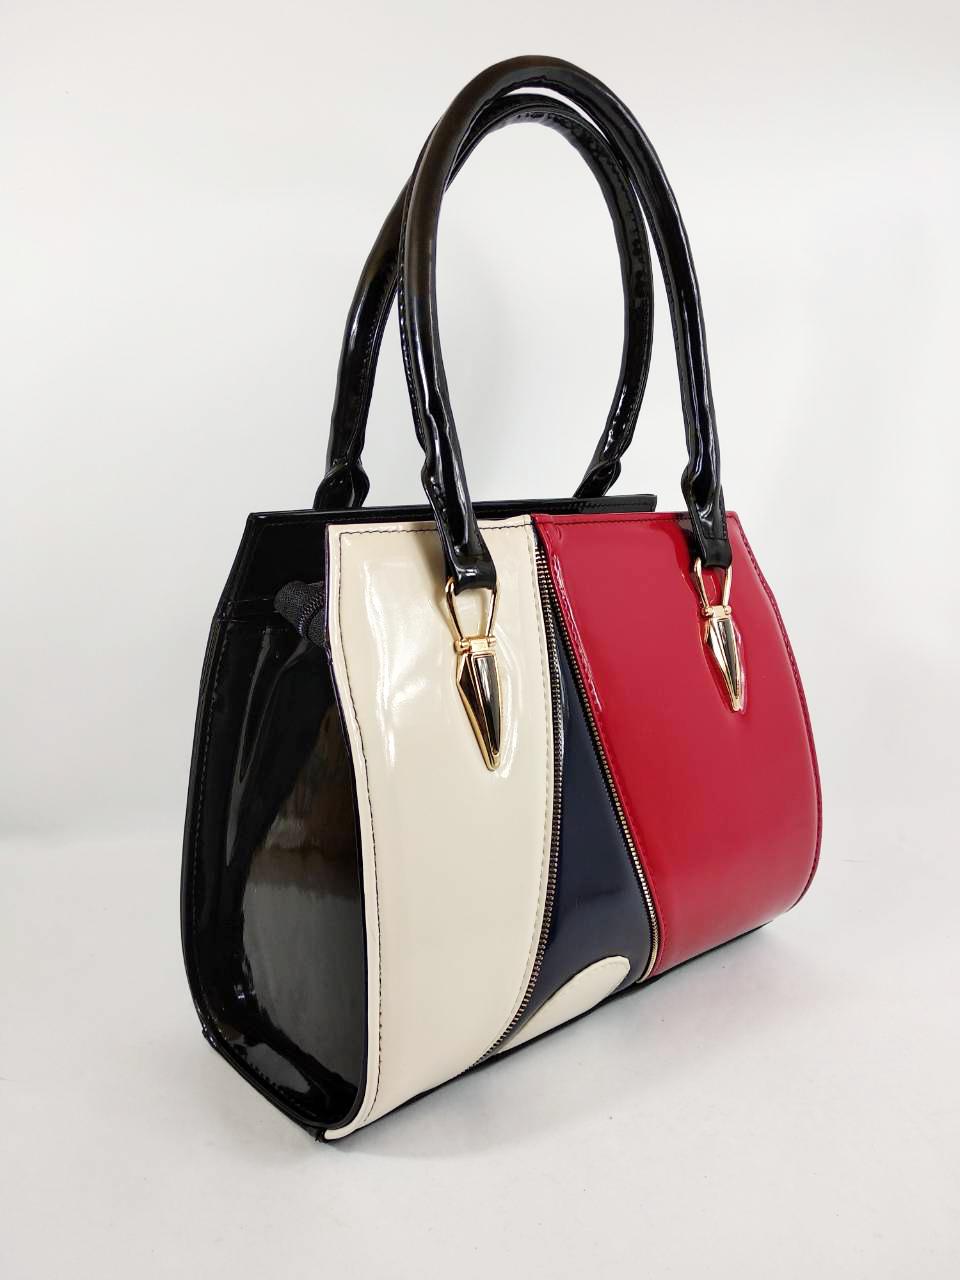 85945b06195e Сумка красная черная модная женская лаковая стильная - Интернет-магазин  женских сумок в Черновцах